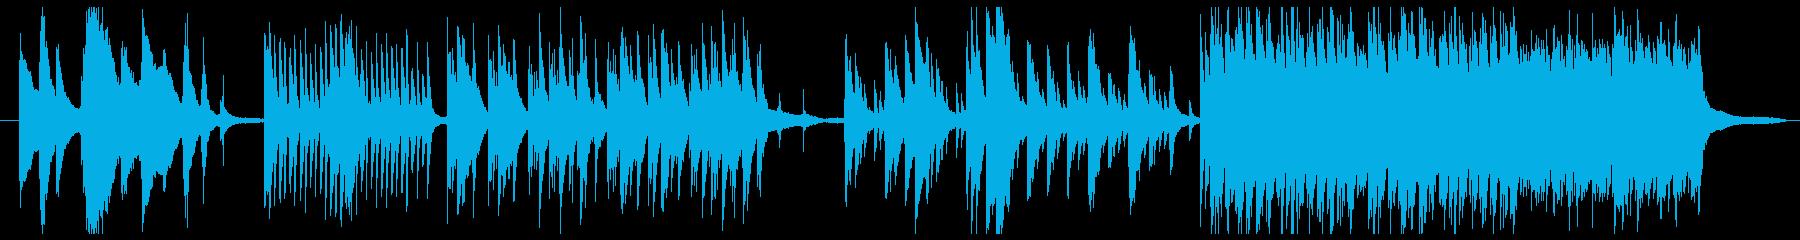 暗い雰囲気の映画的なピアノソロの再生済みの波形